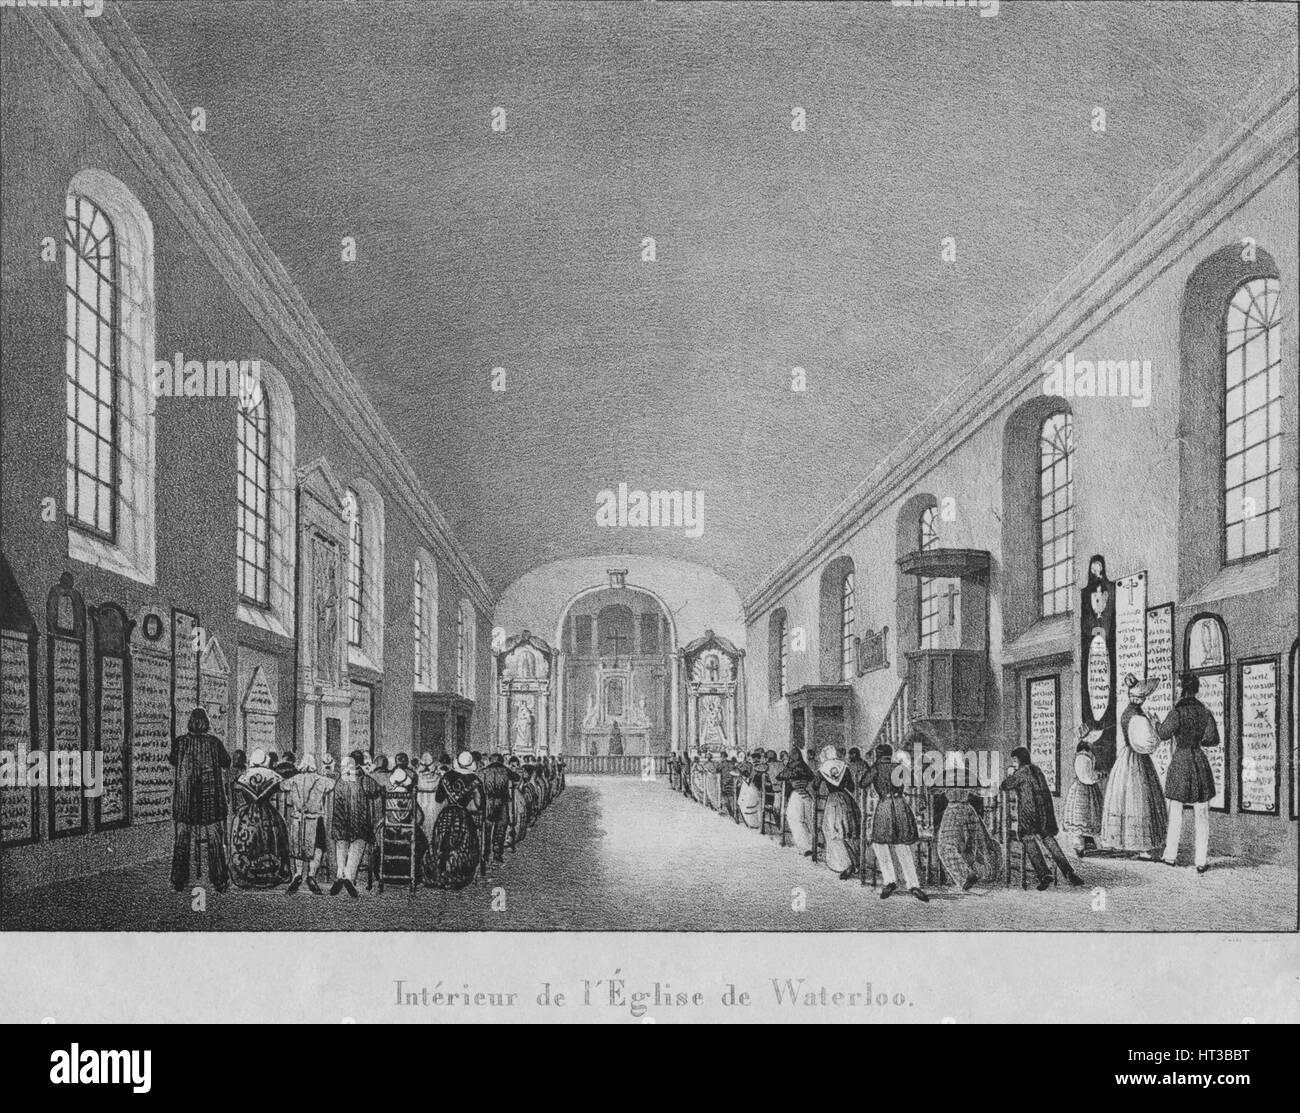 Interieur de Eglise de Waterloo', c1830. Künstler: unbekannt. Stockbild